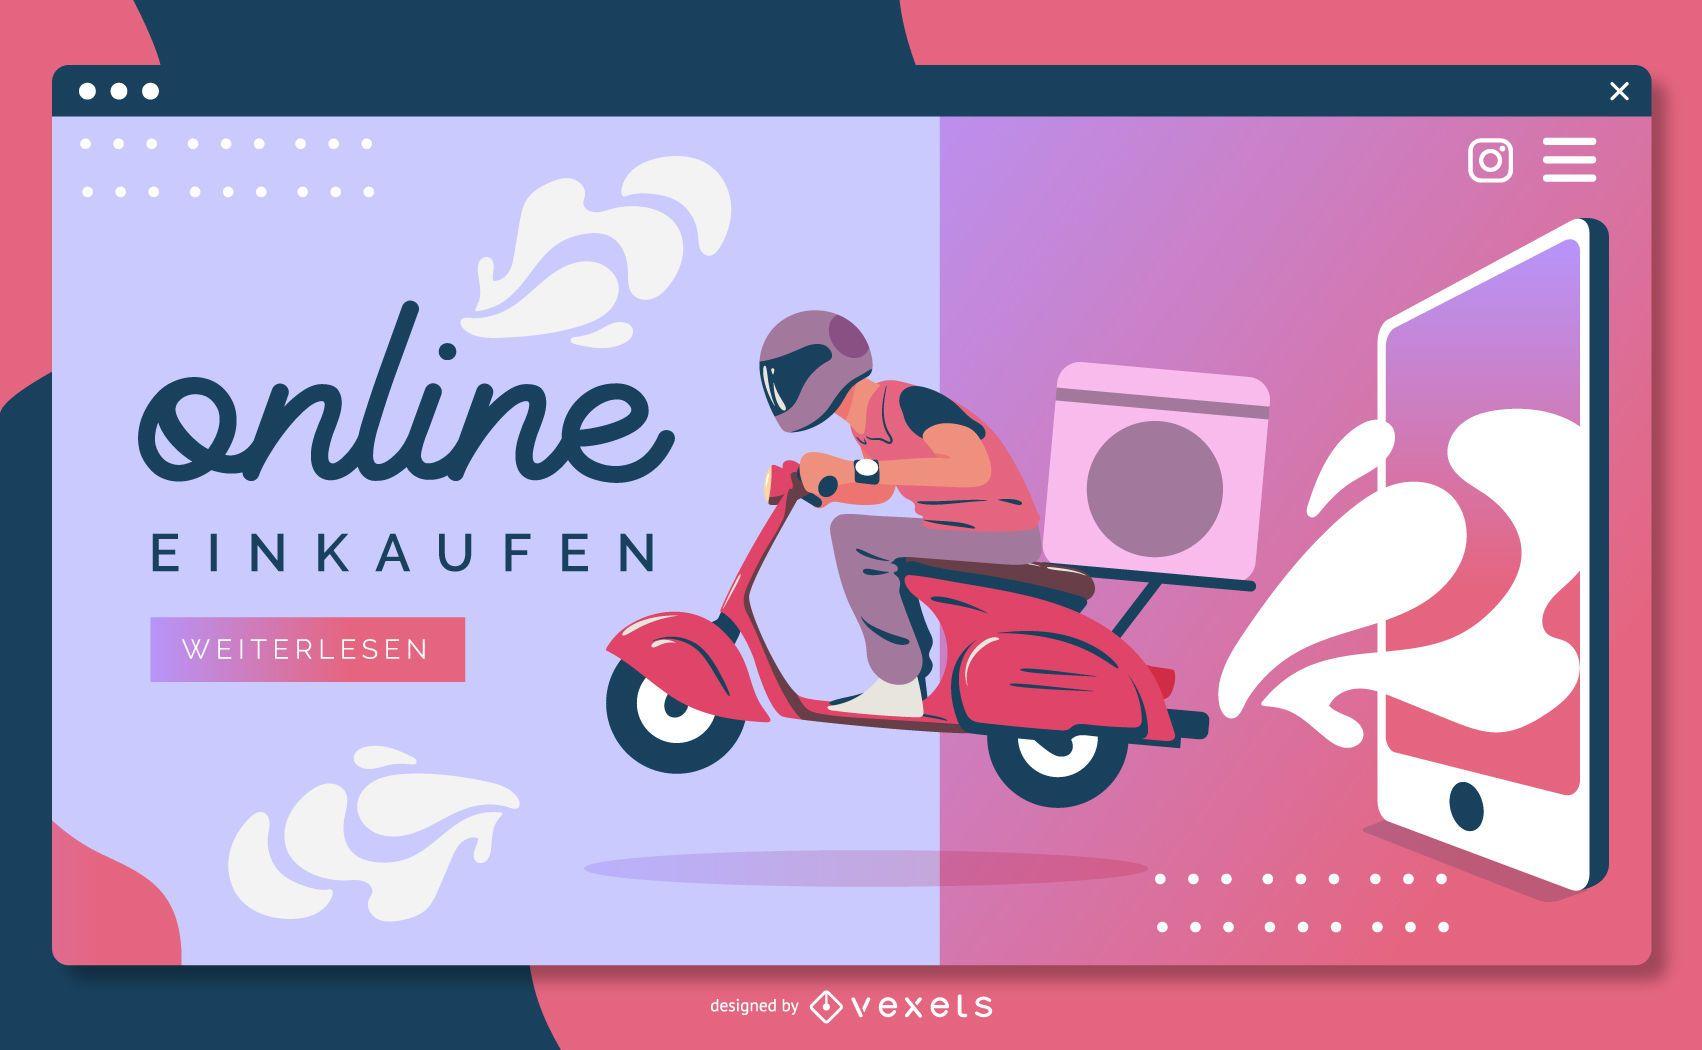 Online einkaufen landing page template